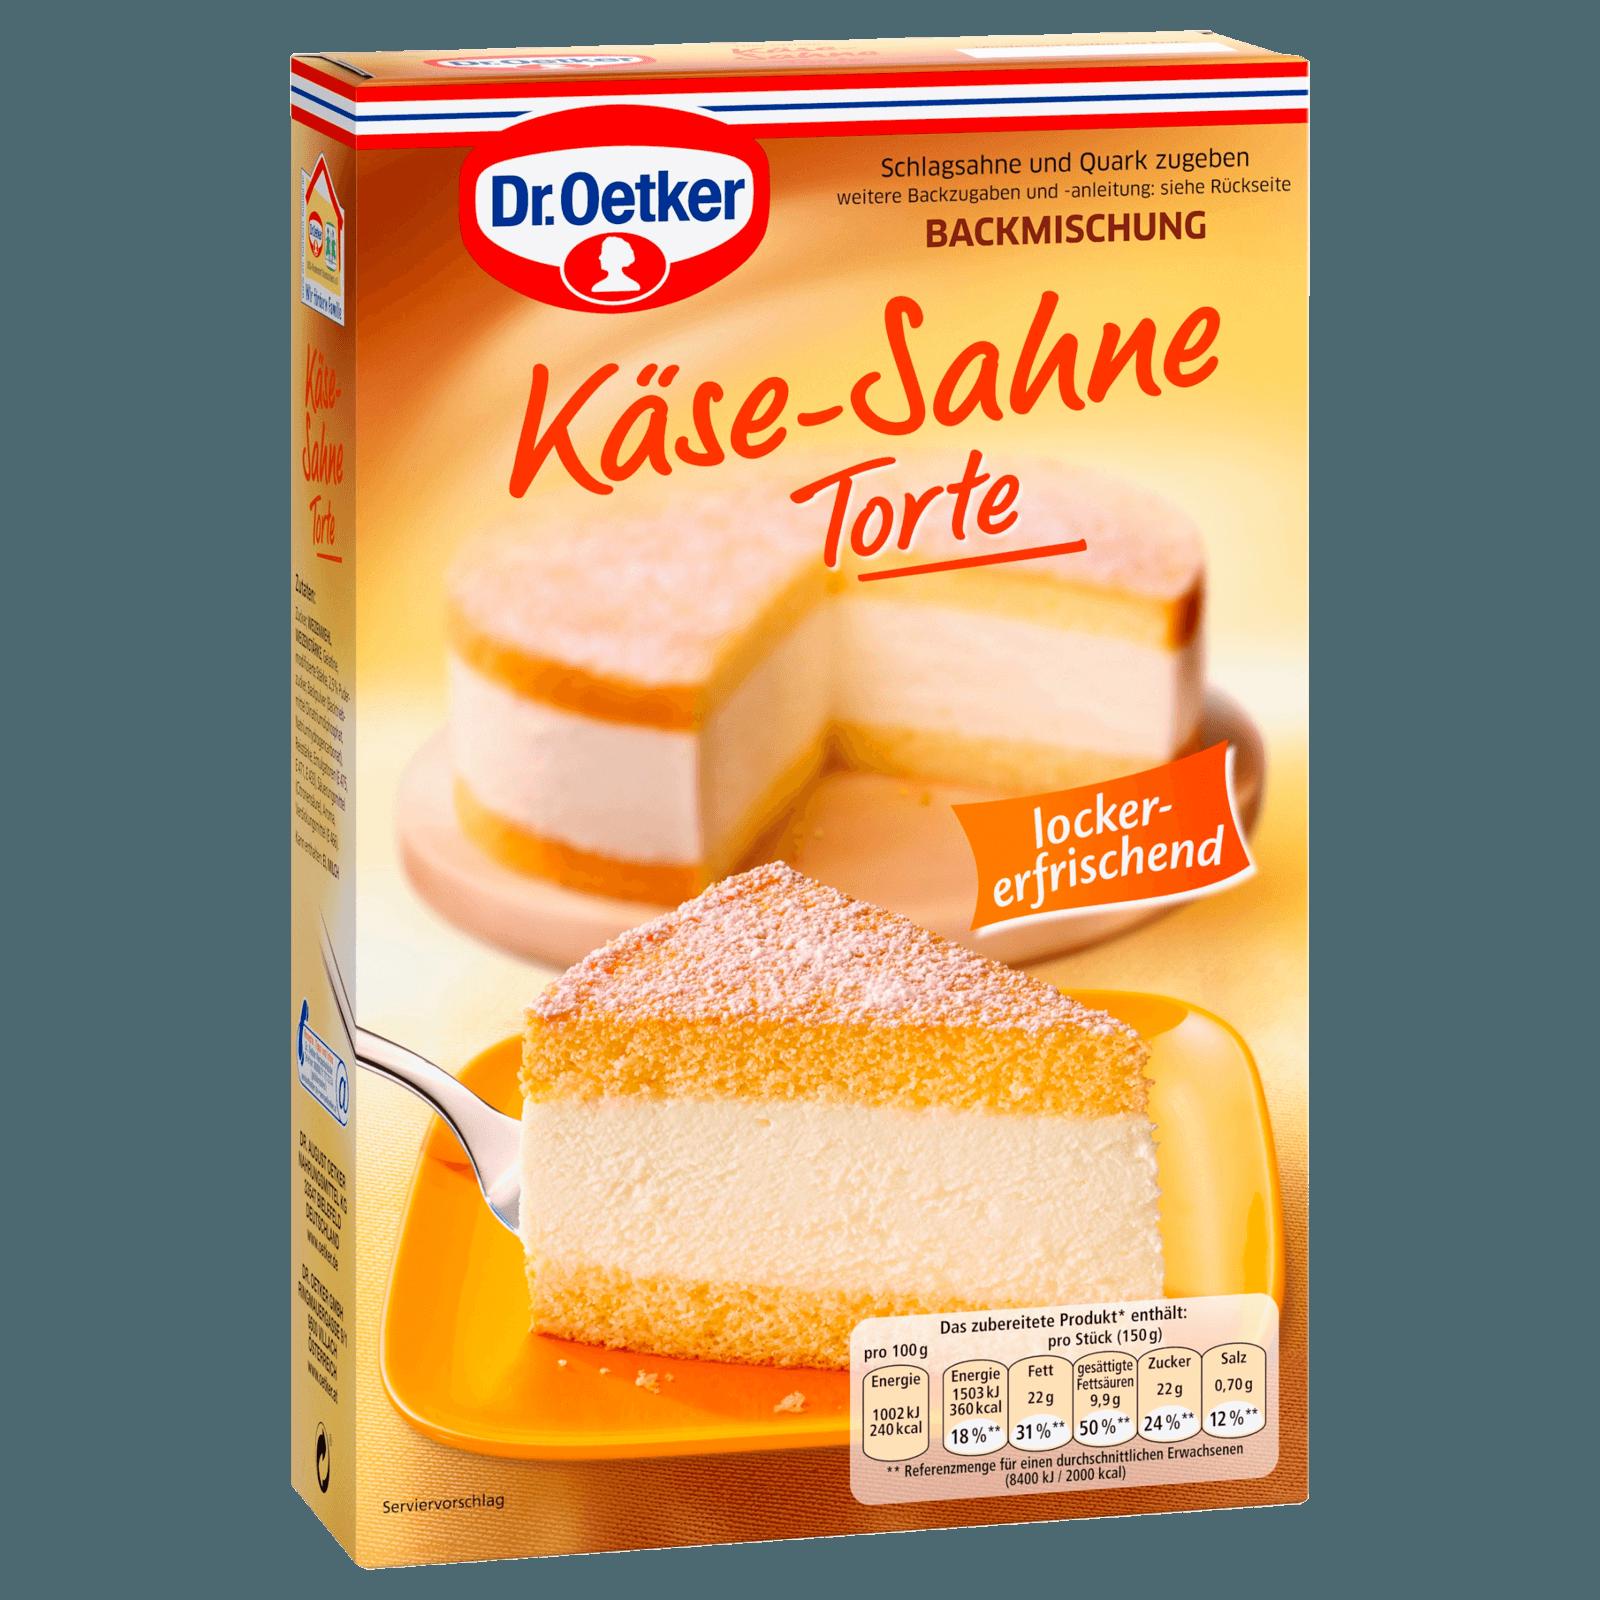 Dr Oetker Kase Sahne Torte 385g Bei Rewe Online Bestellen